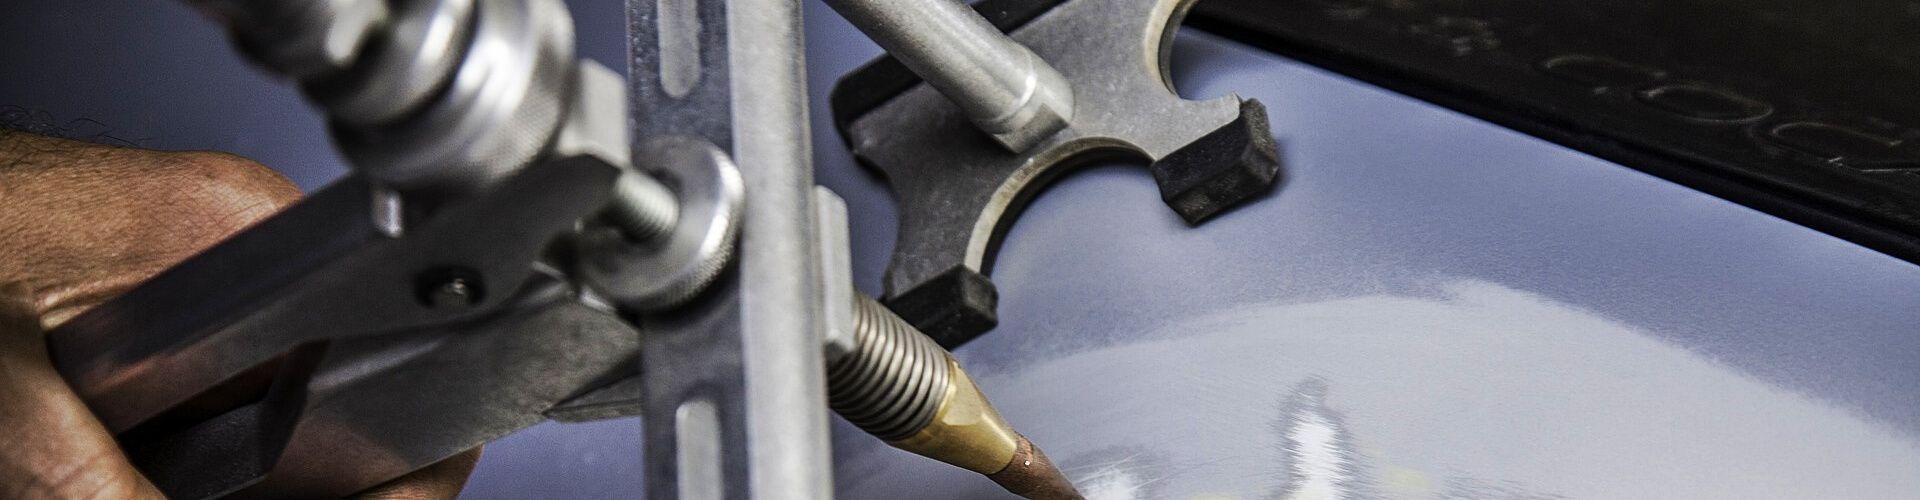 endurecer-suspensiones-coches